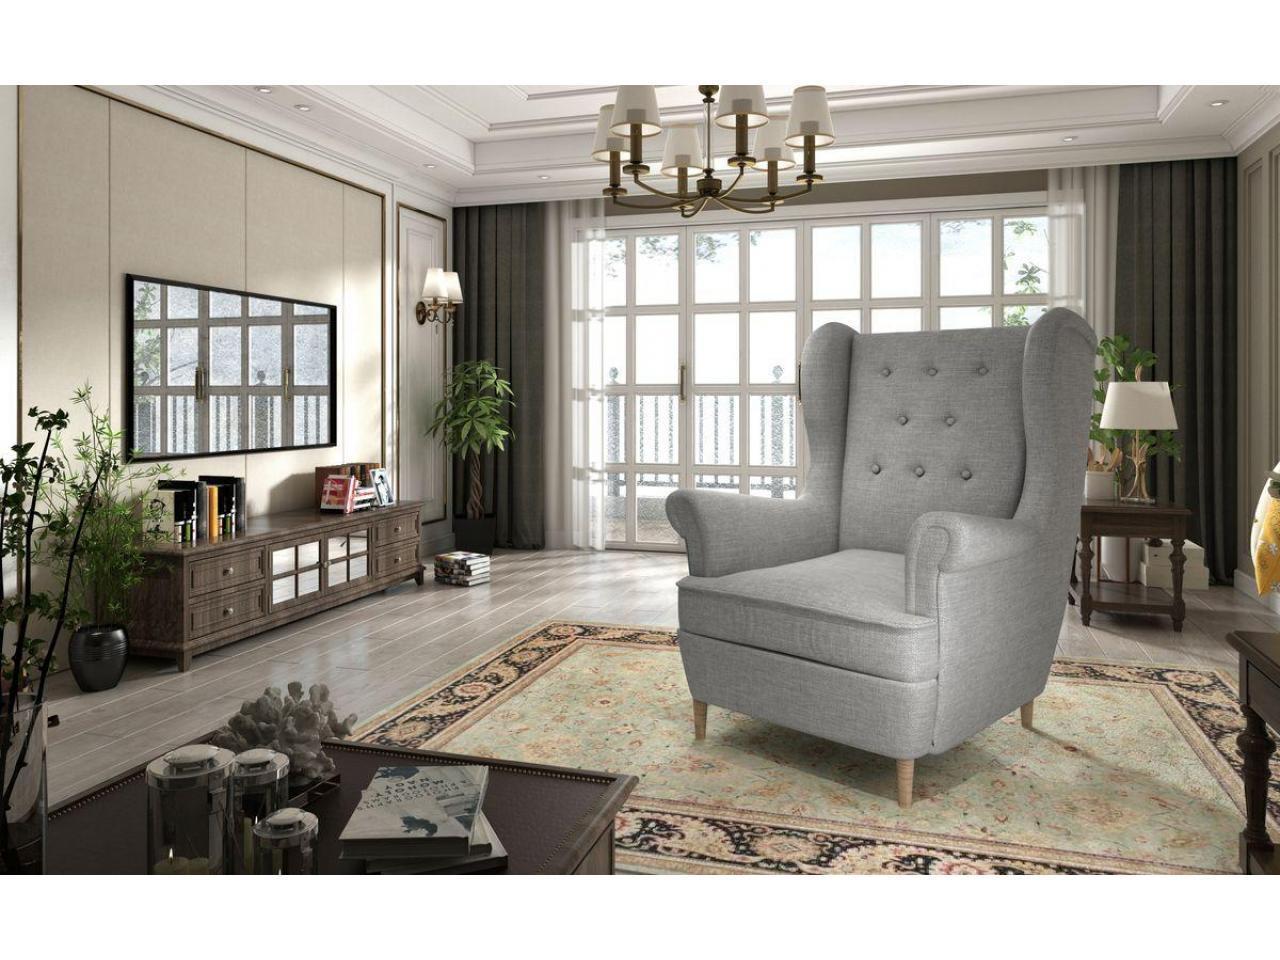 Furnipol-Польская мебель для дома с доставкой - 2